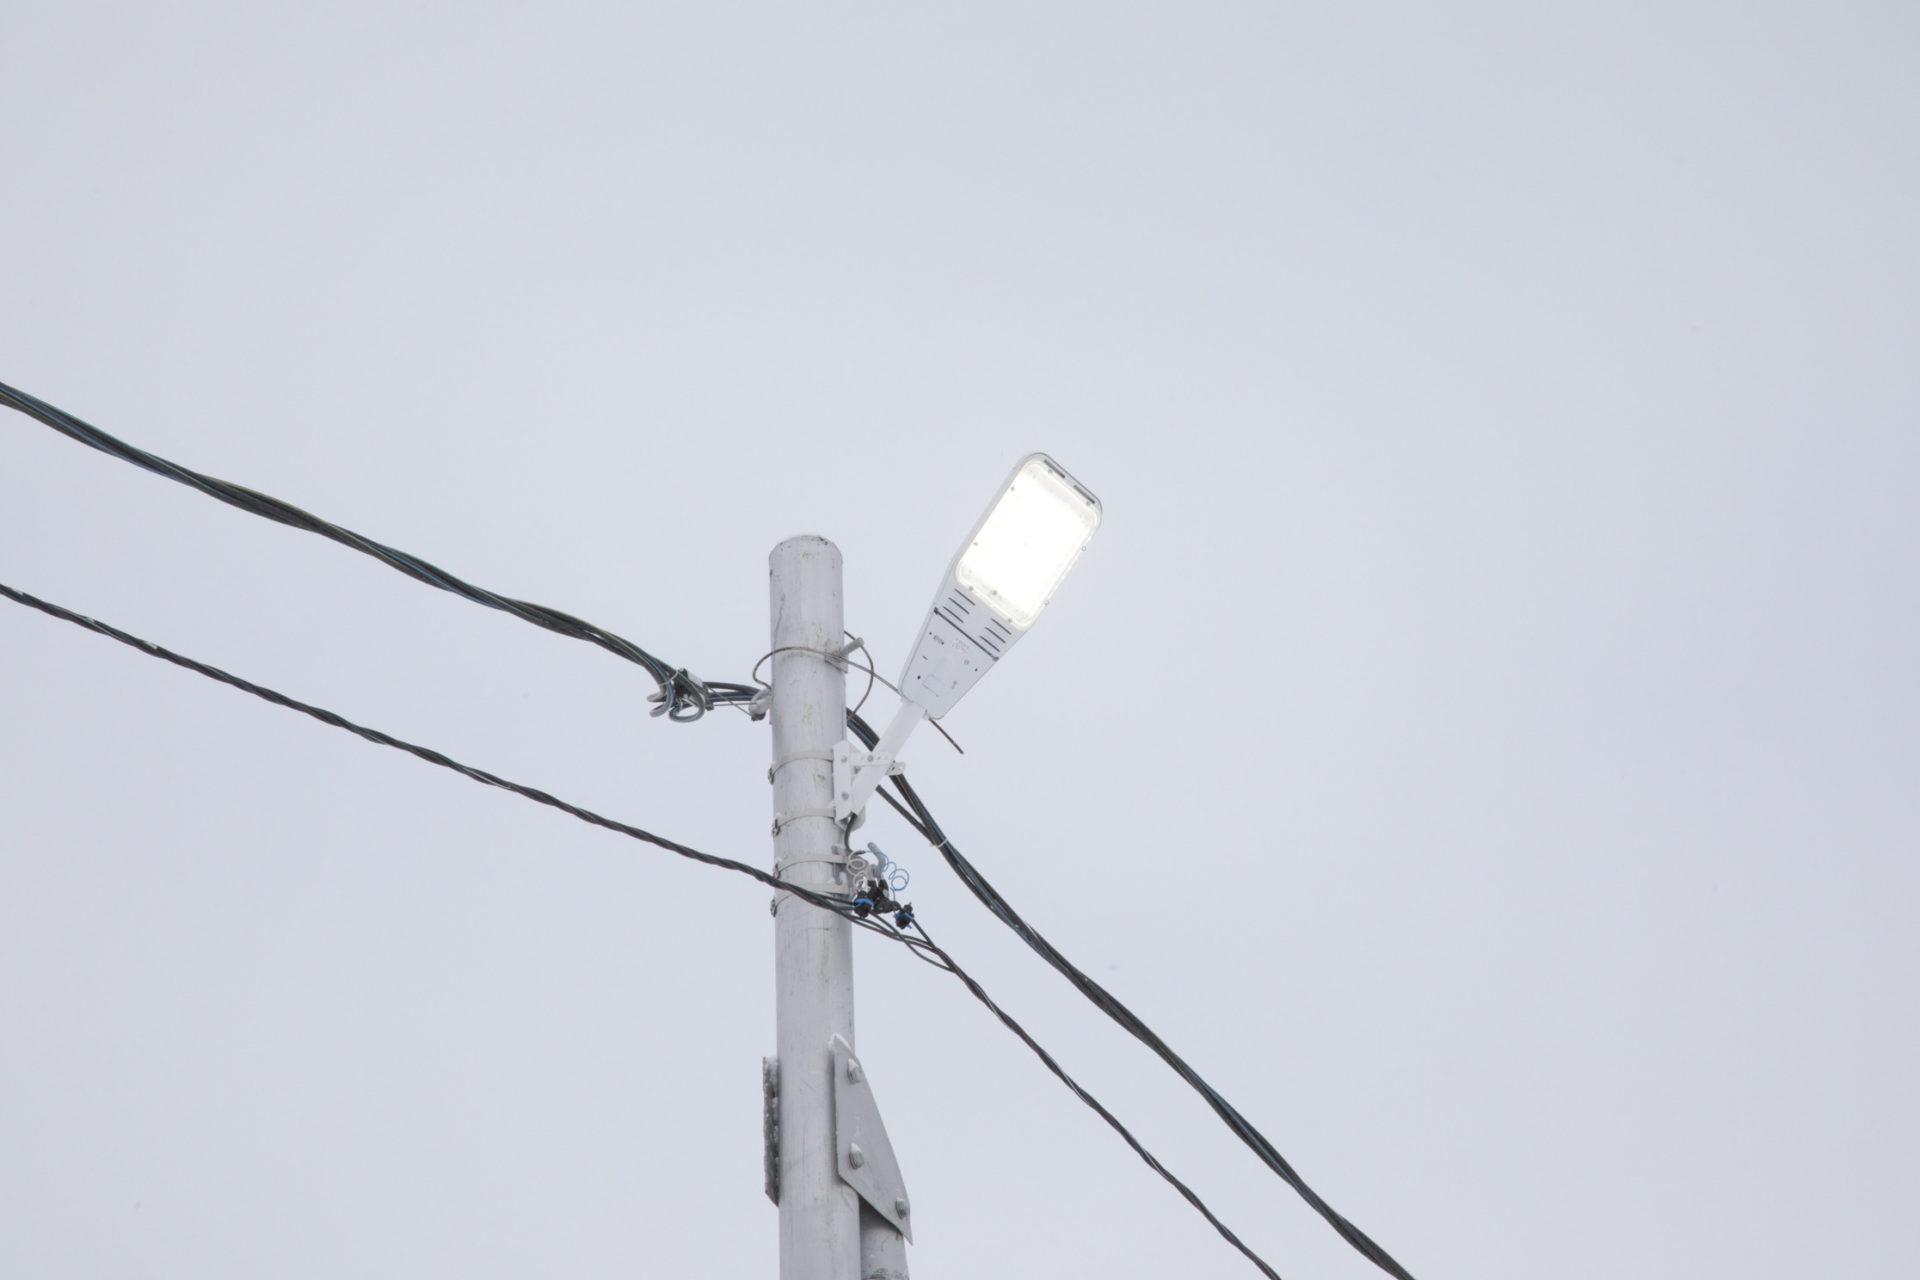 «Светлая столица»: в Якутске и пригородах завершается ввод 13 линий наружного освещения